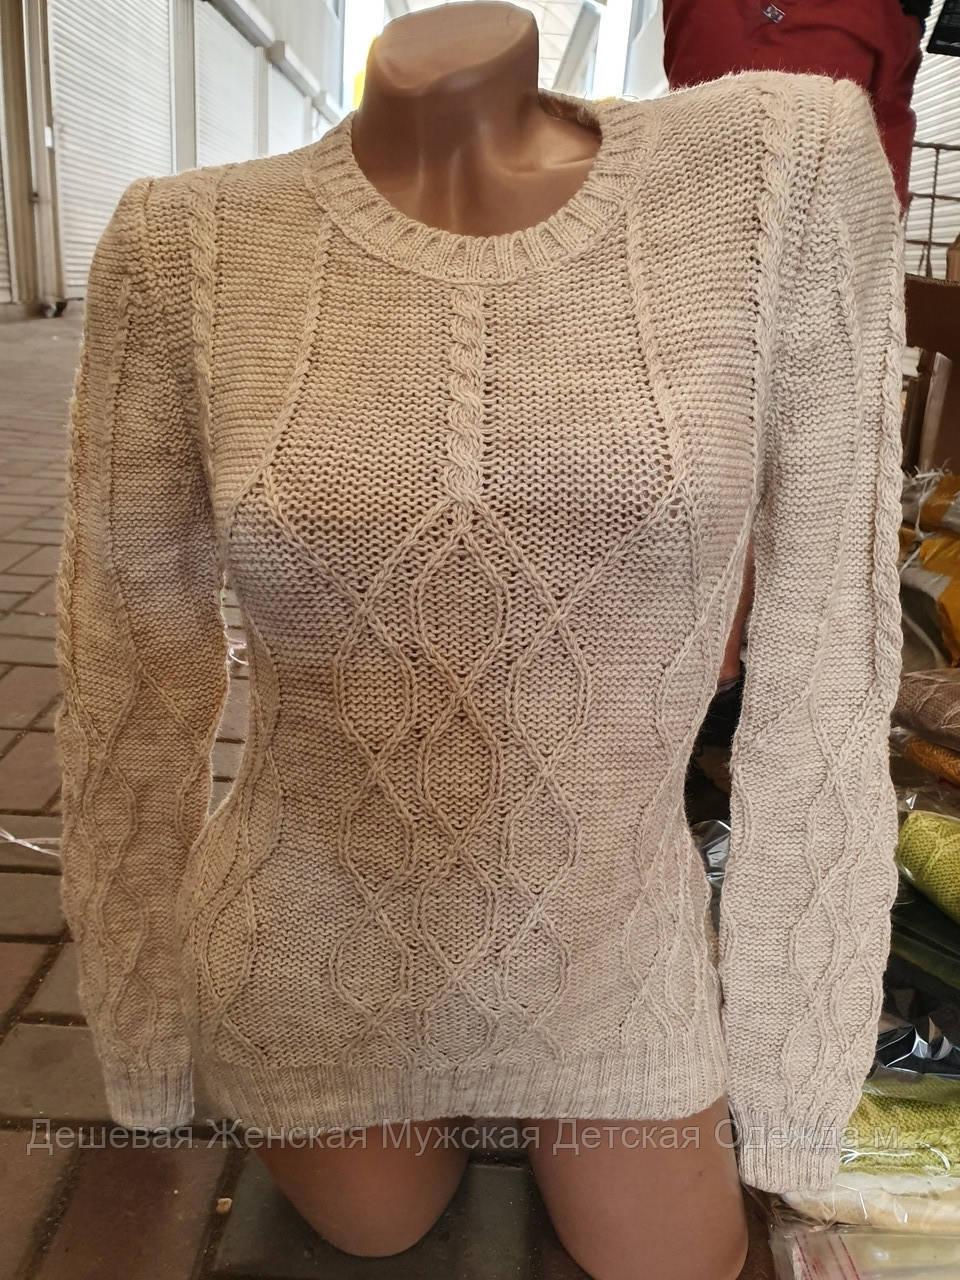 Женский свитер дорогая турция